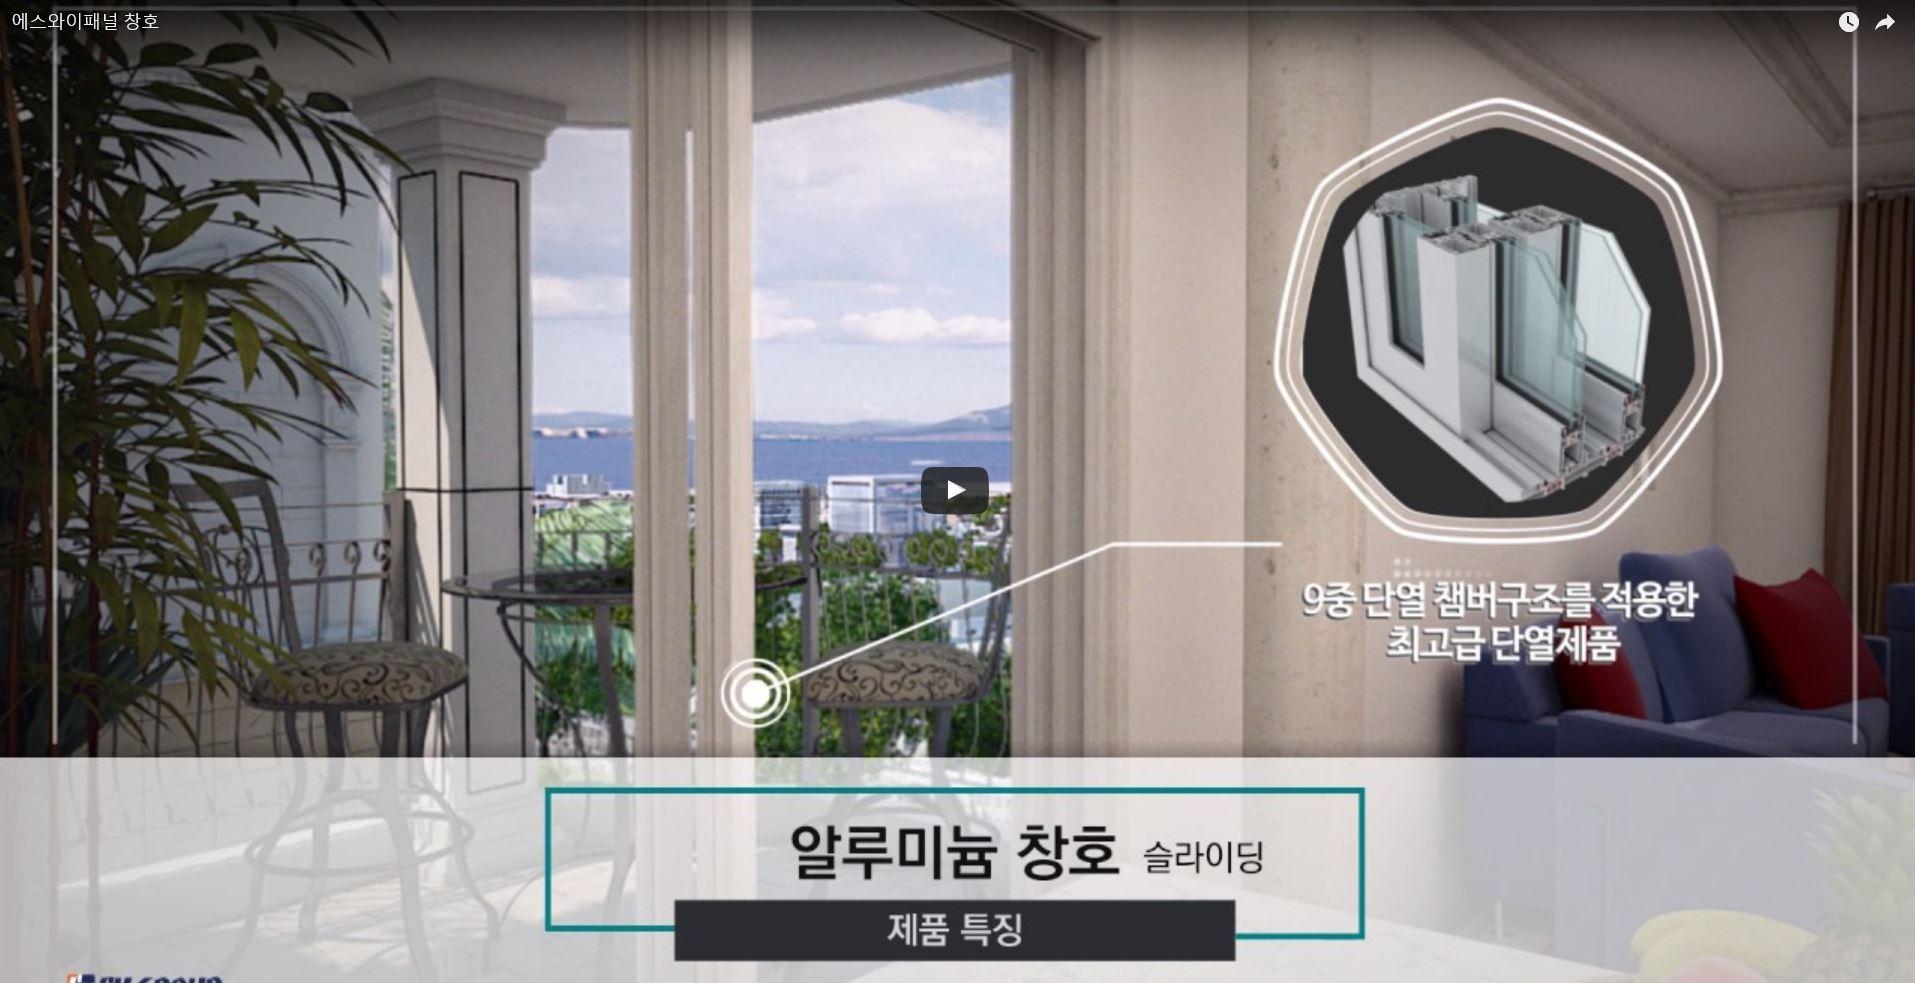 2017 에스와이그룹 창호 소개영상(국문)